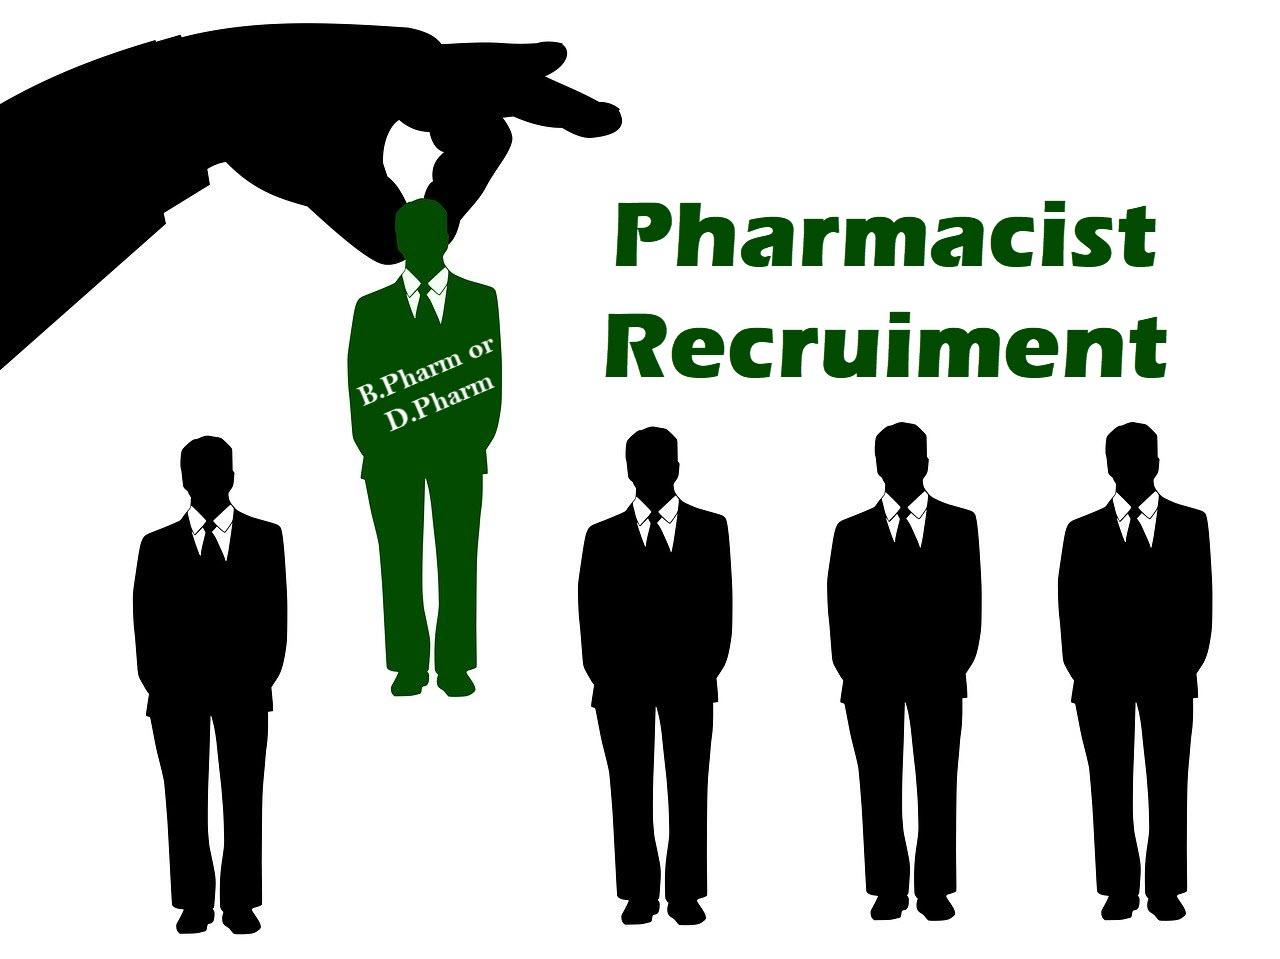 Pharmacist Job for BPharm or DPharm in Beemed Pharma